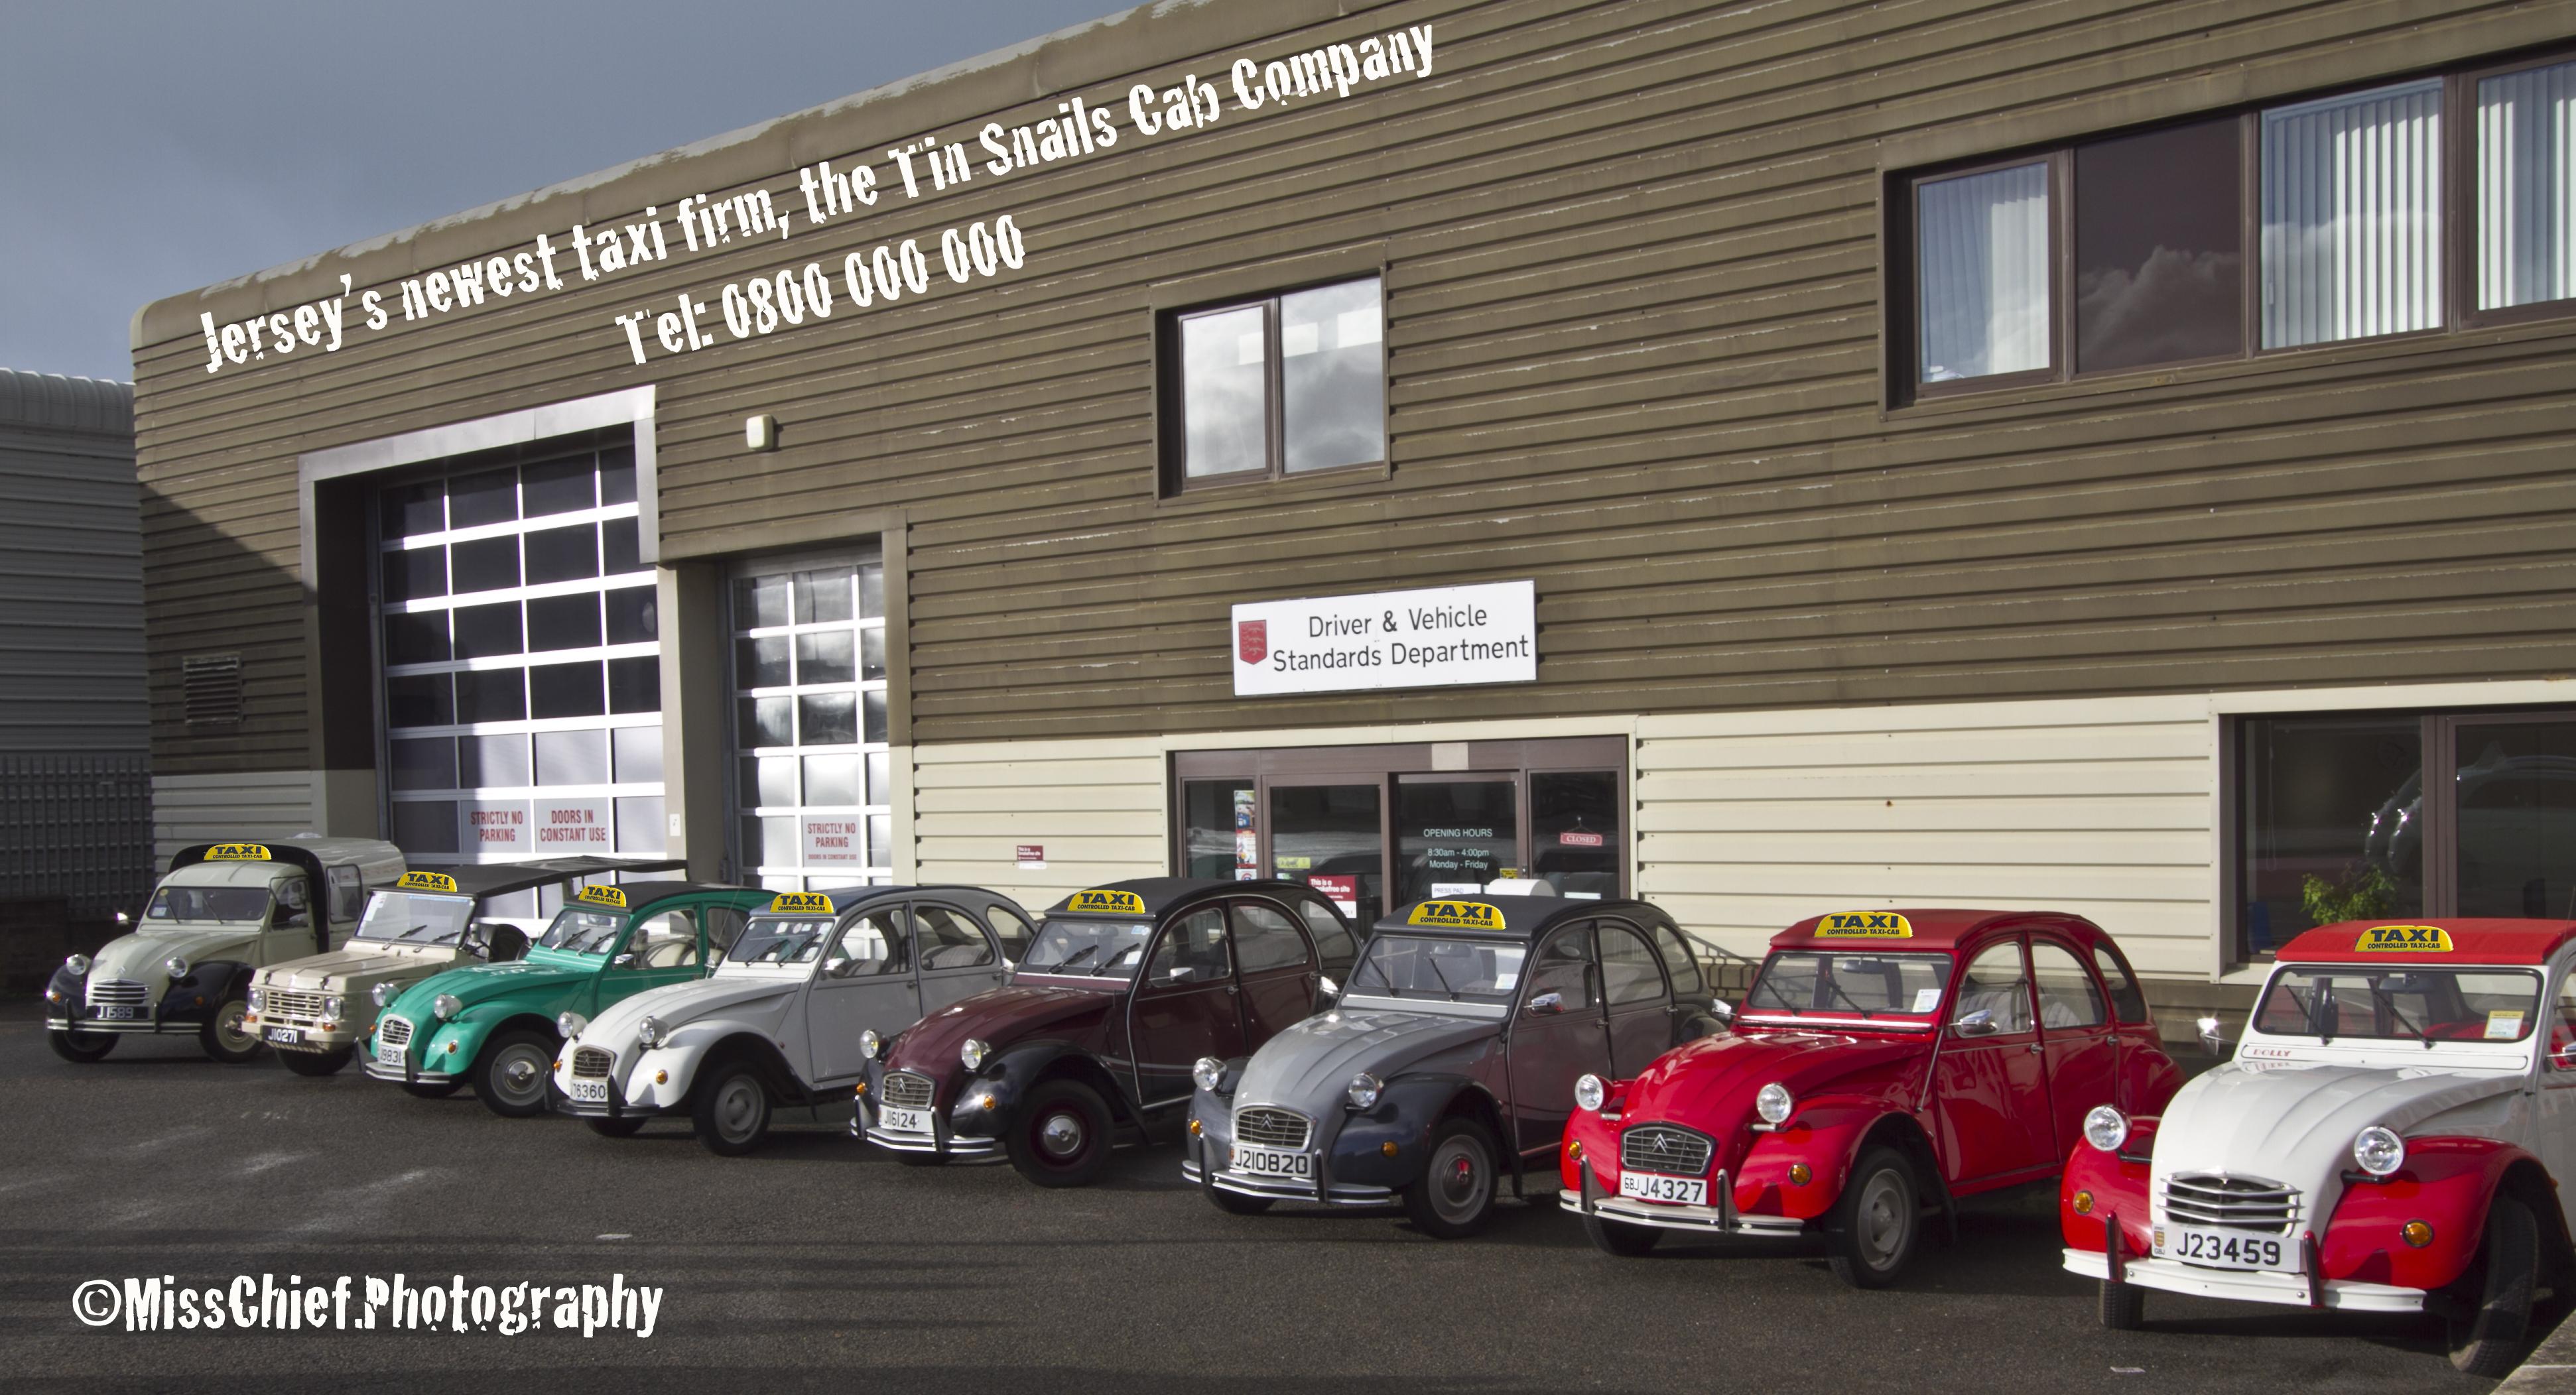 The tin snail Company